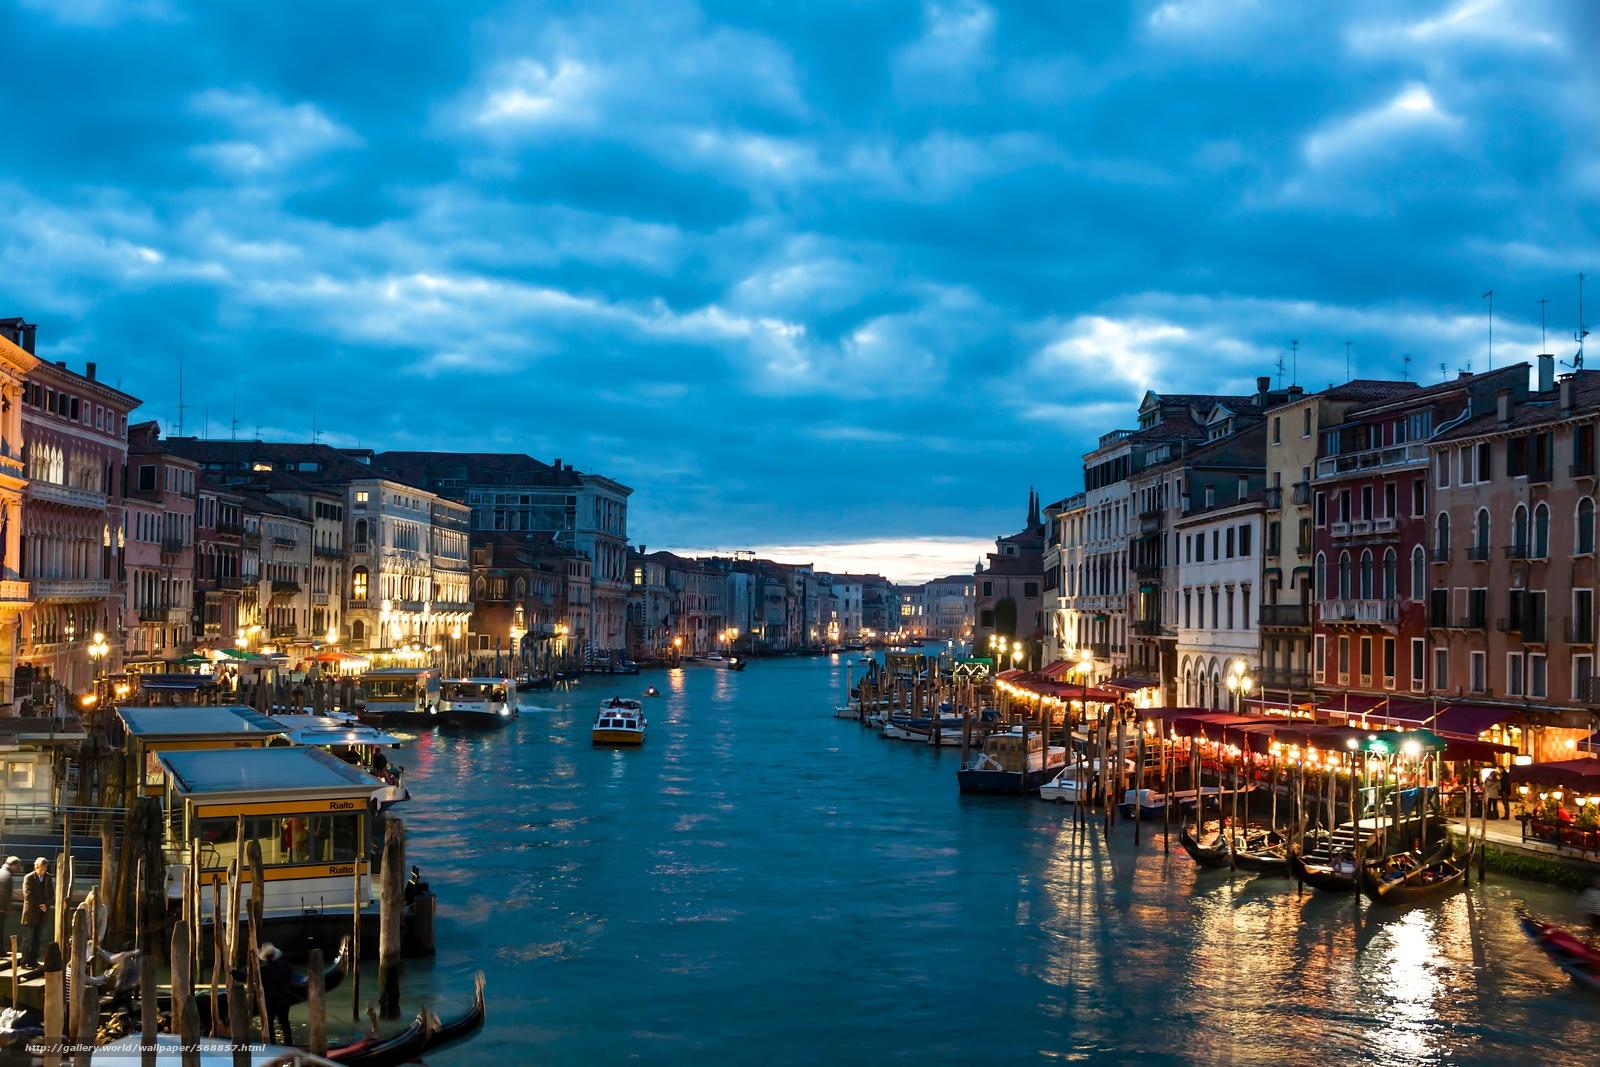 Download wallpaper Venecia Italy city desktop 1600x1067